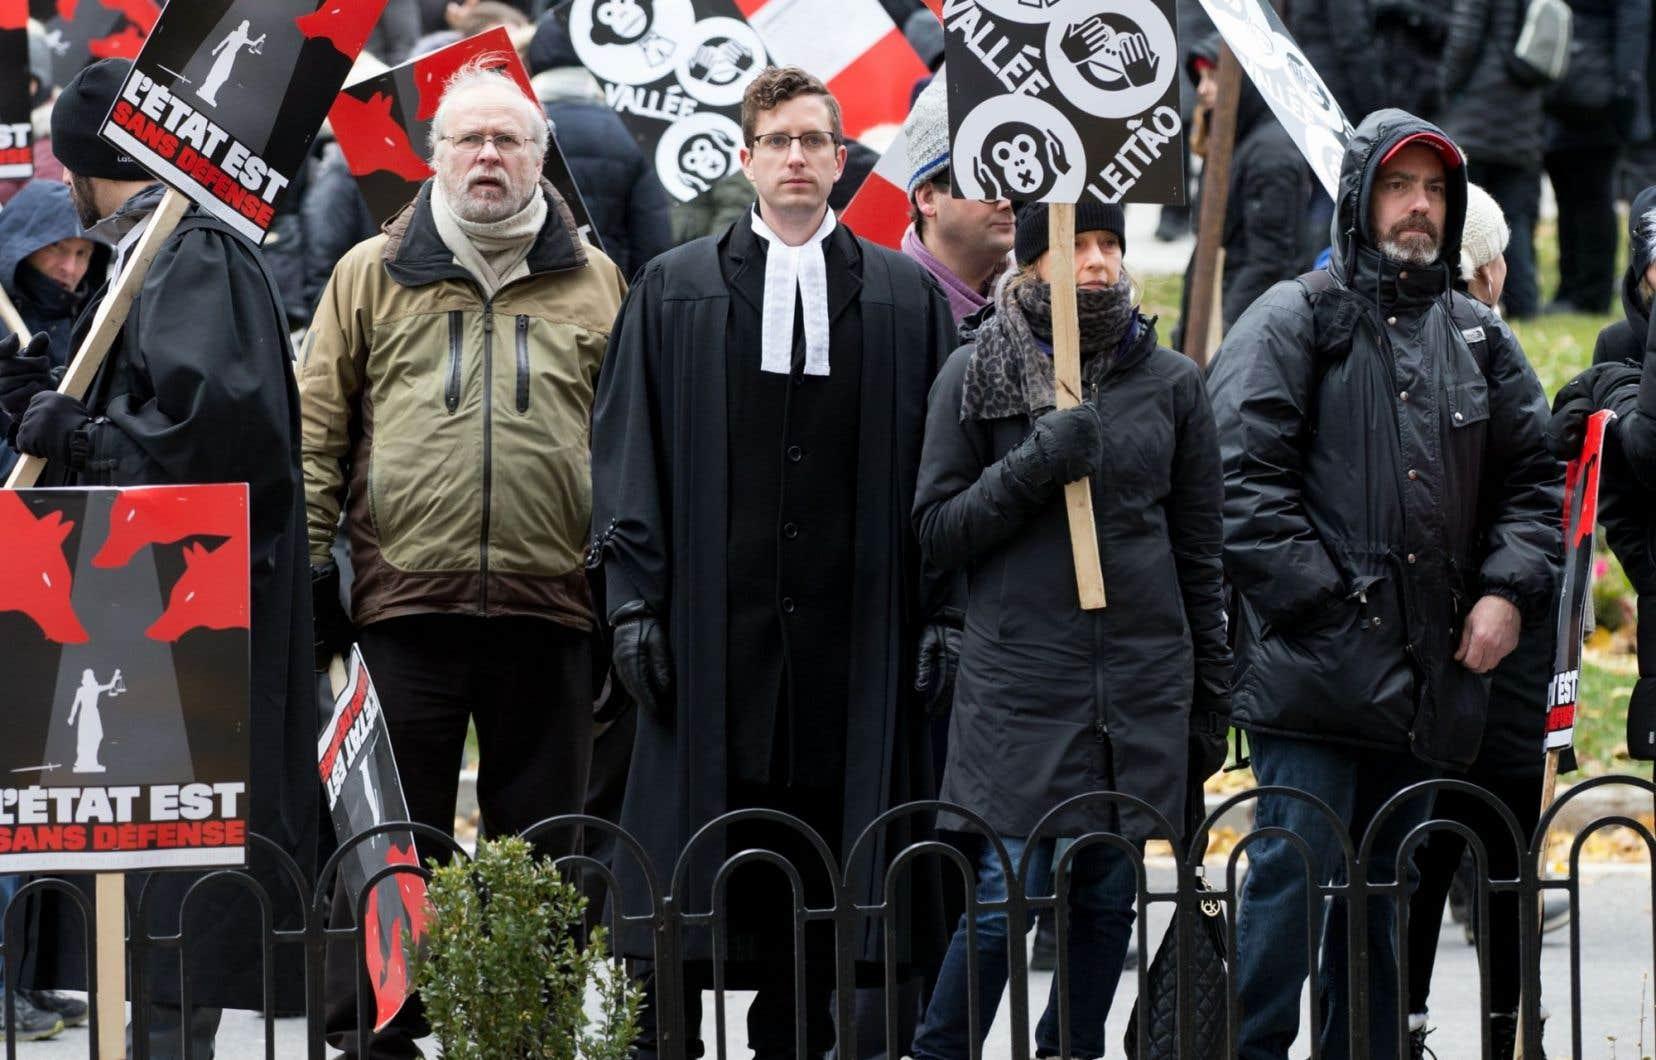 Les juristes de l'État sont en grève depuis le 24 octobre dernier.